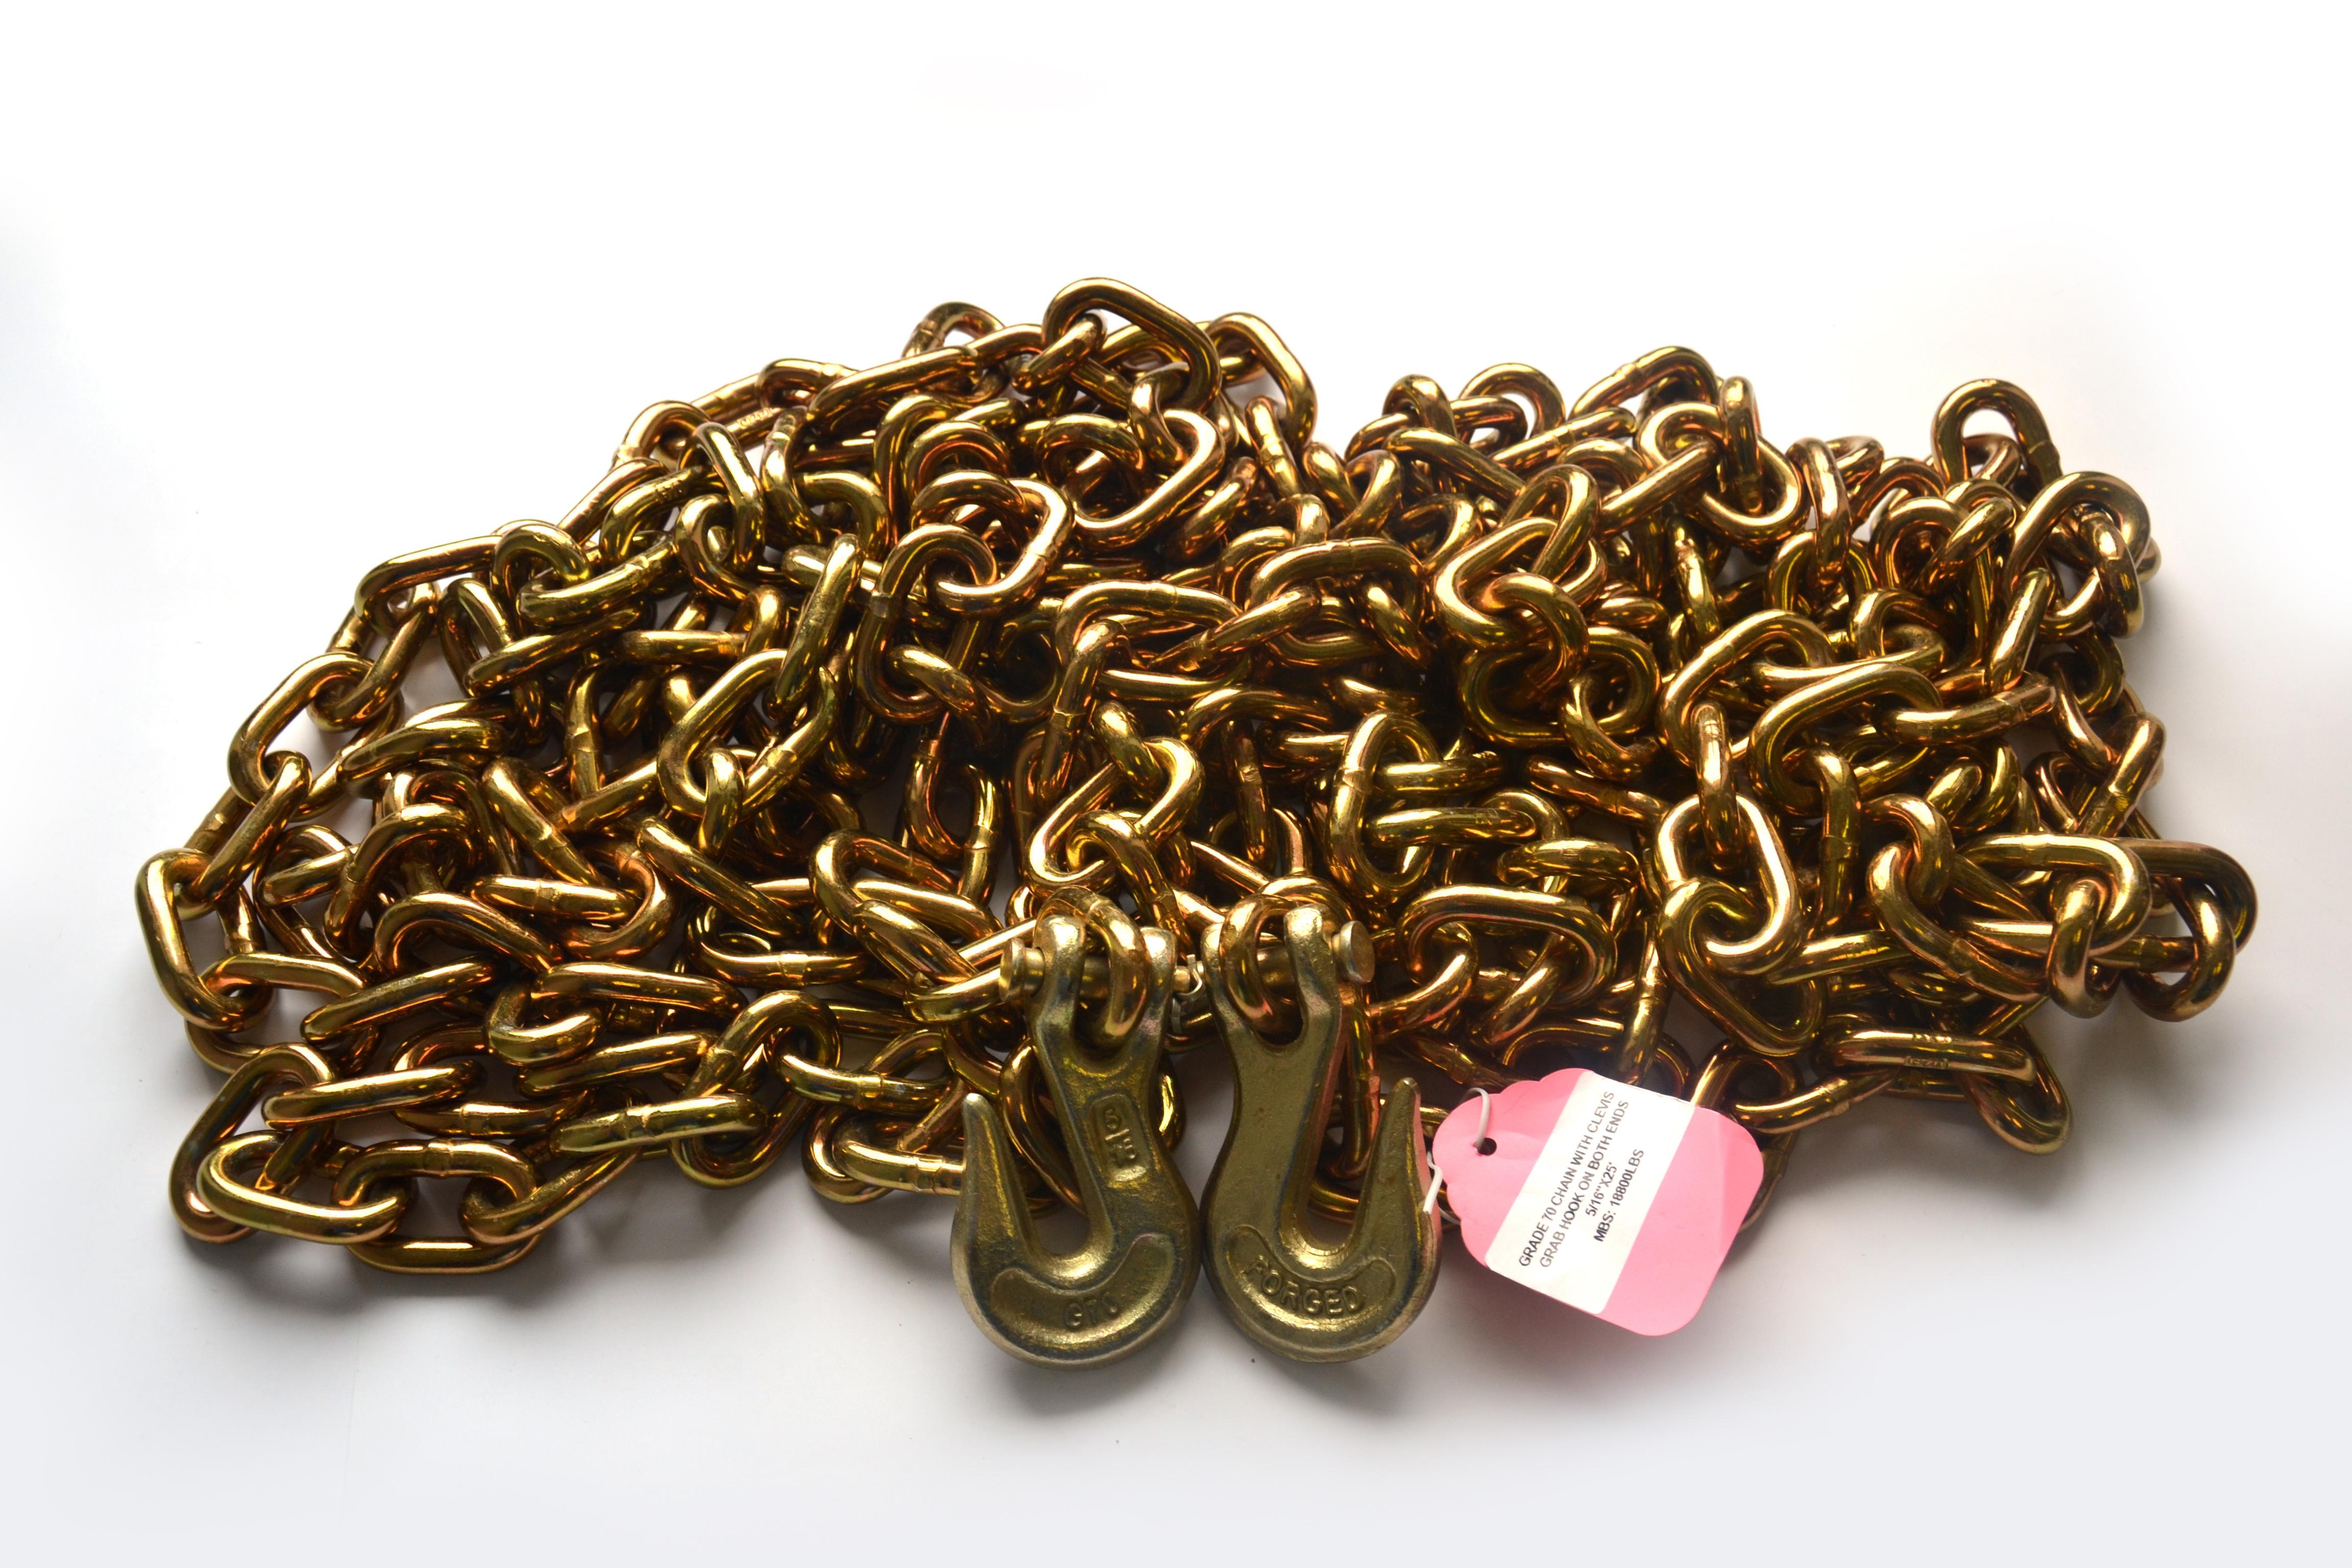 516-Chain-01.jpg